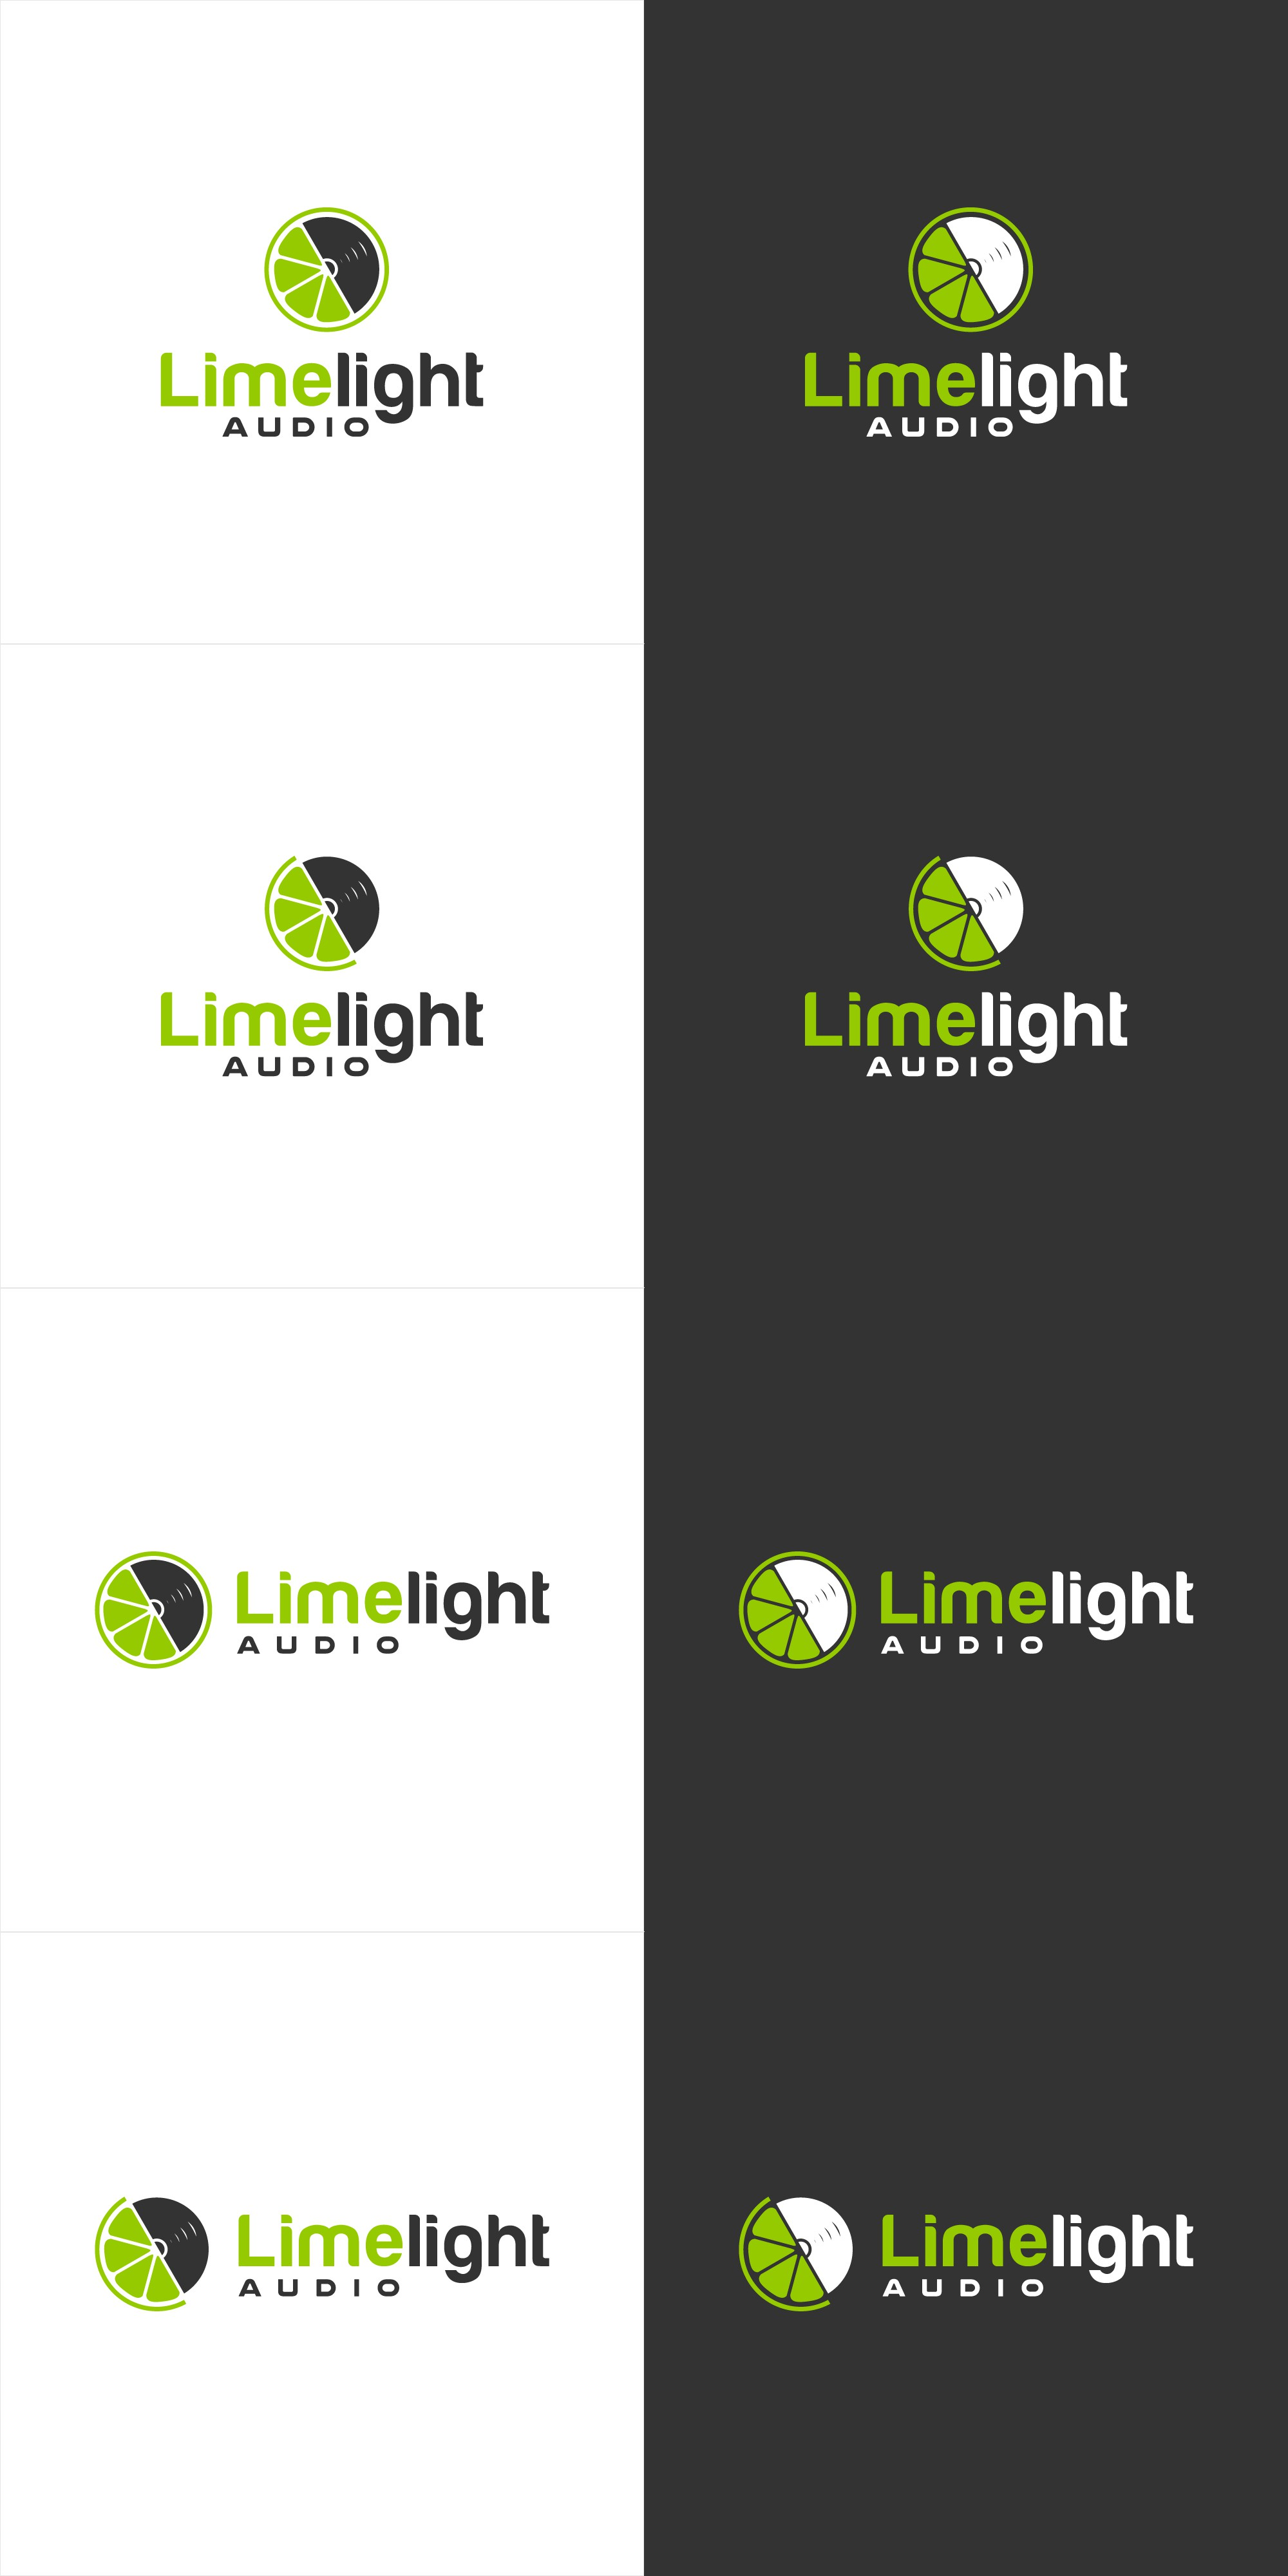 Design a killer logo for Limelight Audio!